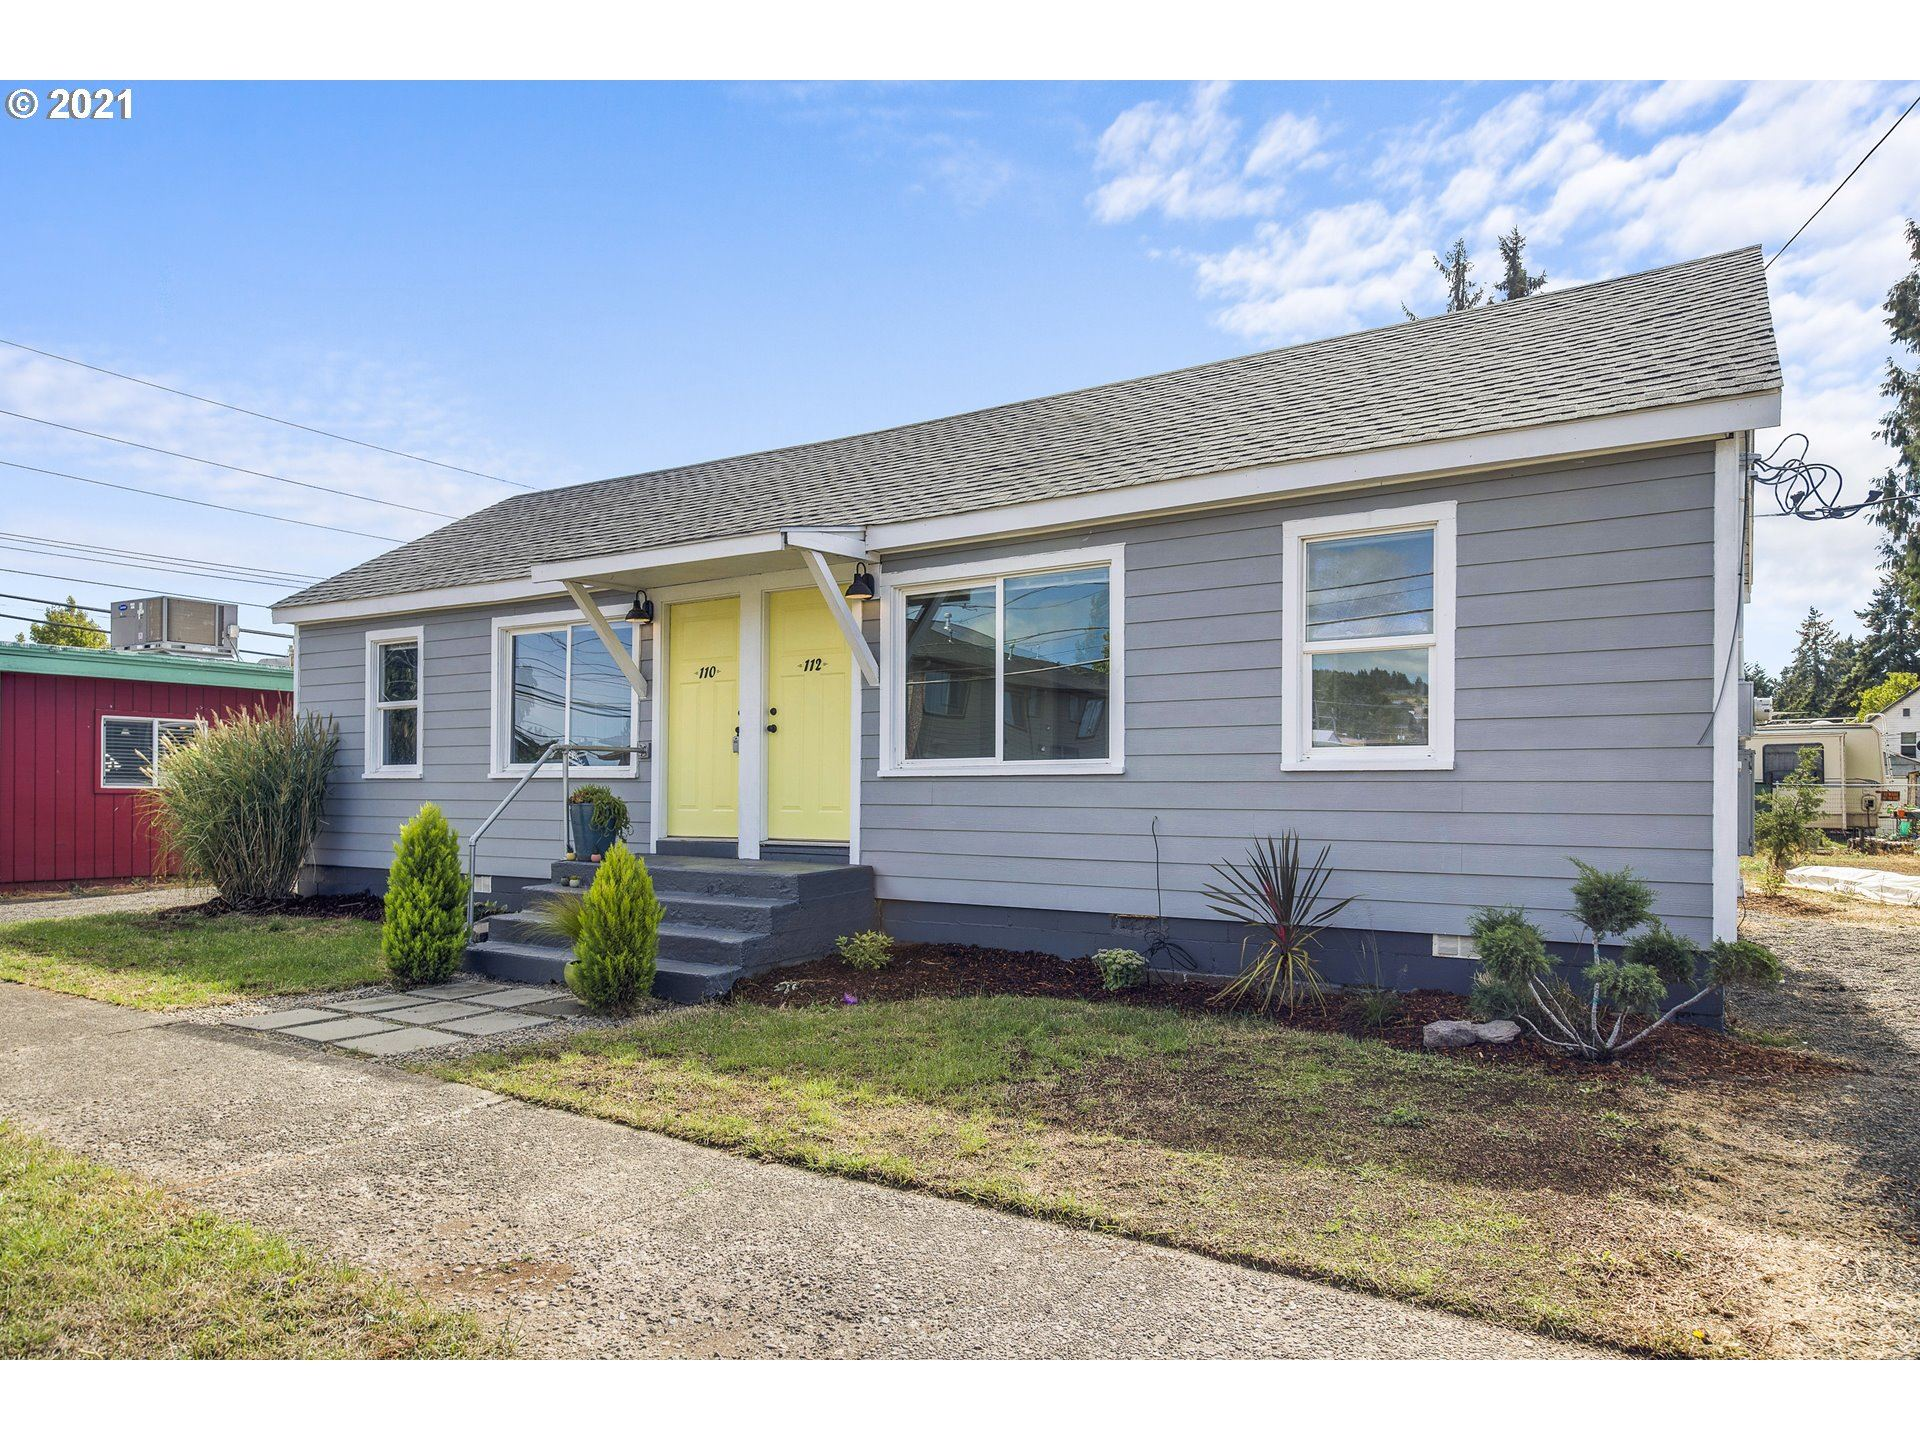 Photo of 112 SW HARRISON ST, Sheridan, OR 97378 (MLS # 21428124)